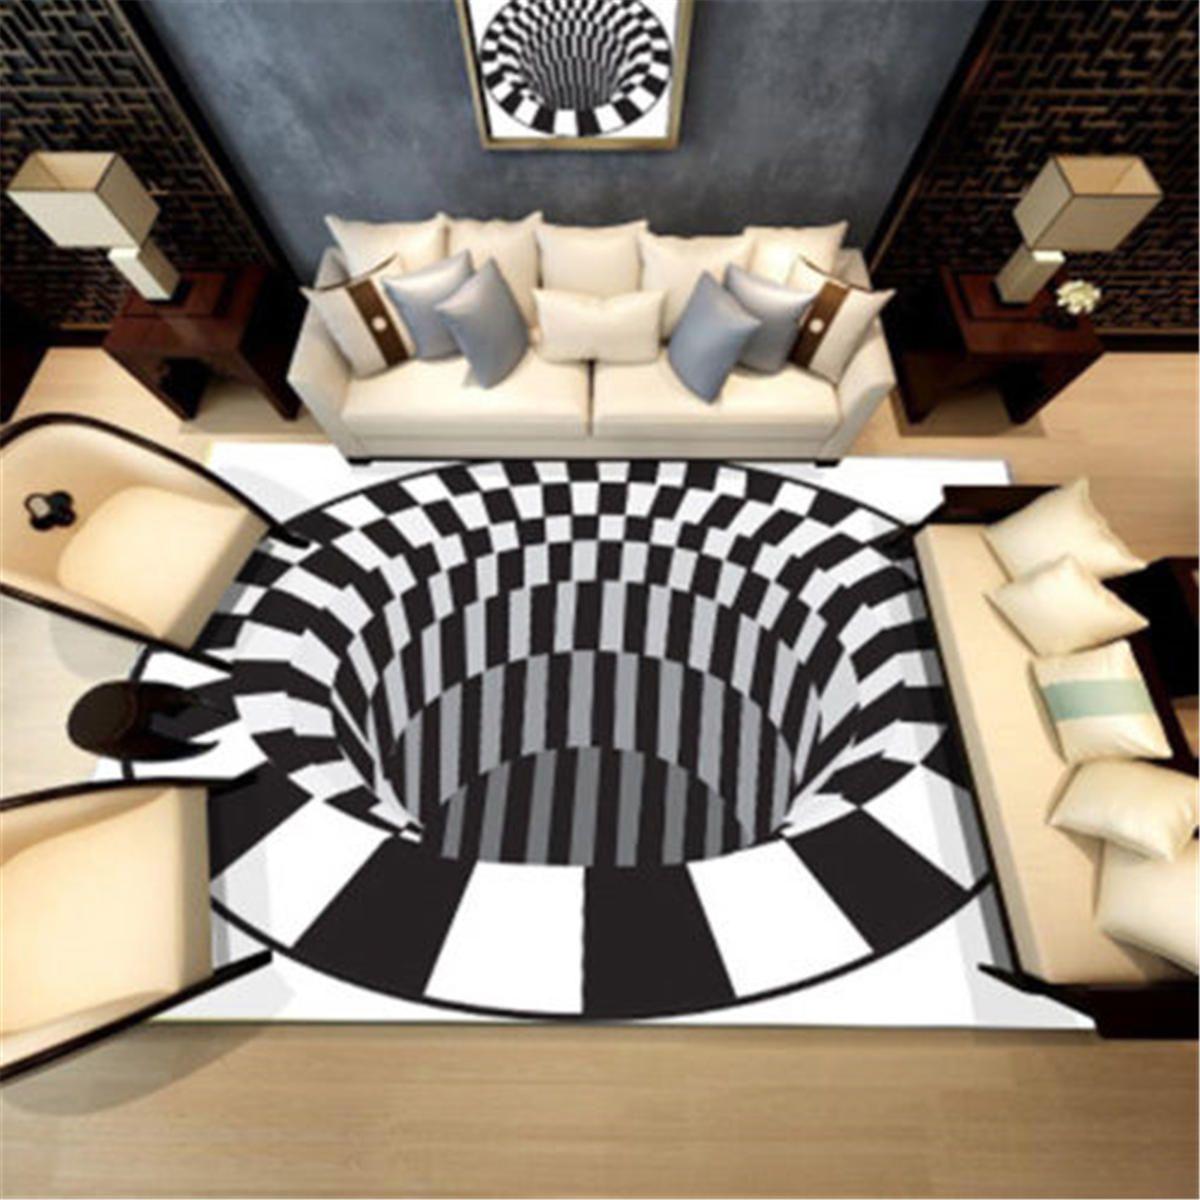 3d Style Rugs Modern Carpet Floor Mat Living Room Non Slip Carpets Home Decorations Living Room Carpet Bedroom Flooring Living Room Flooring